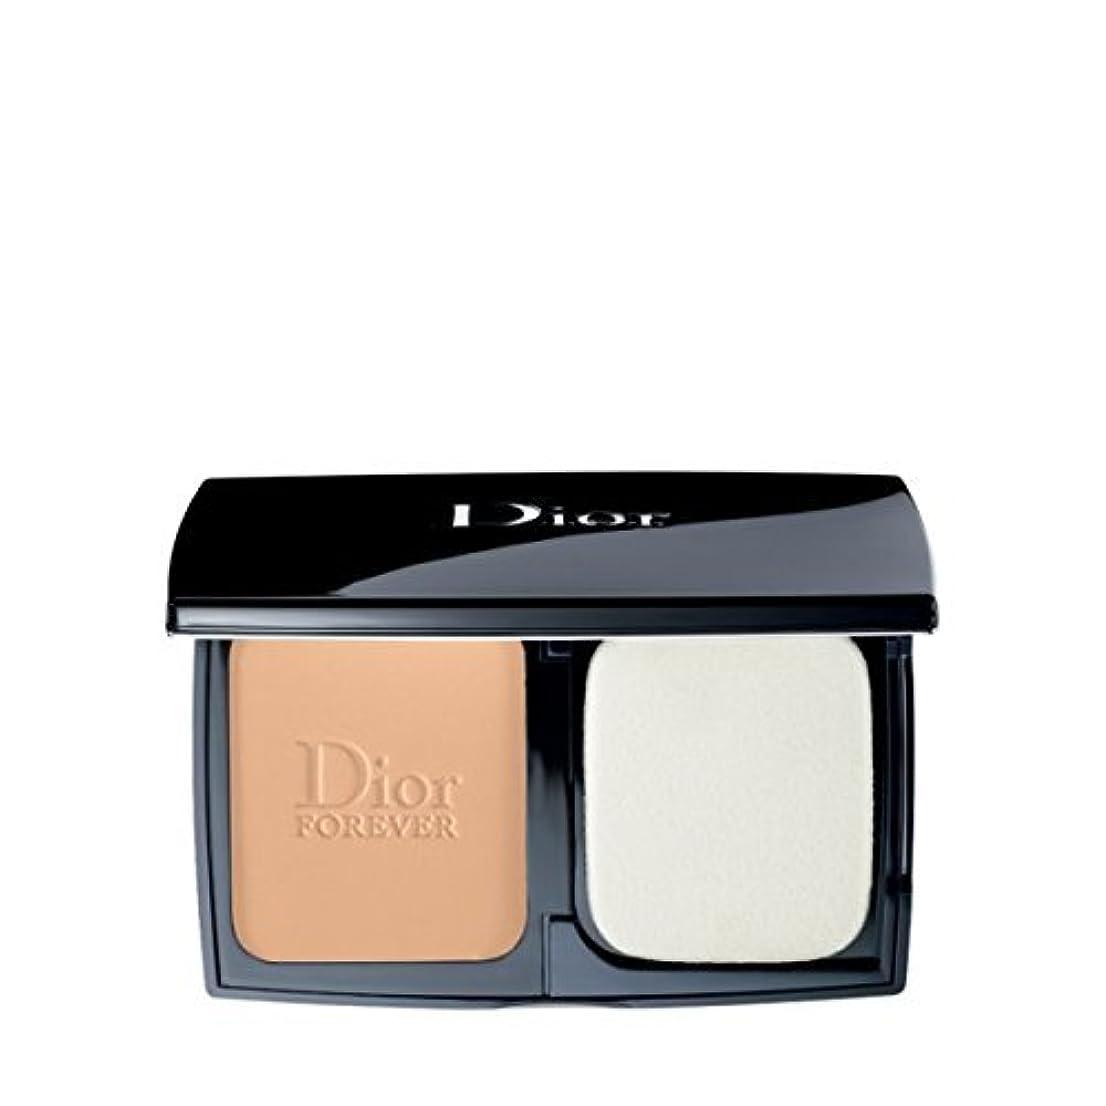 船酔い若者所有者Dior(ディオール) ディオールスキン フォーエヴァー コンパクト エクストレム コントロール (#020:ライト ベージュ)